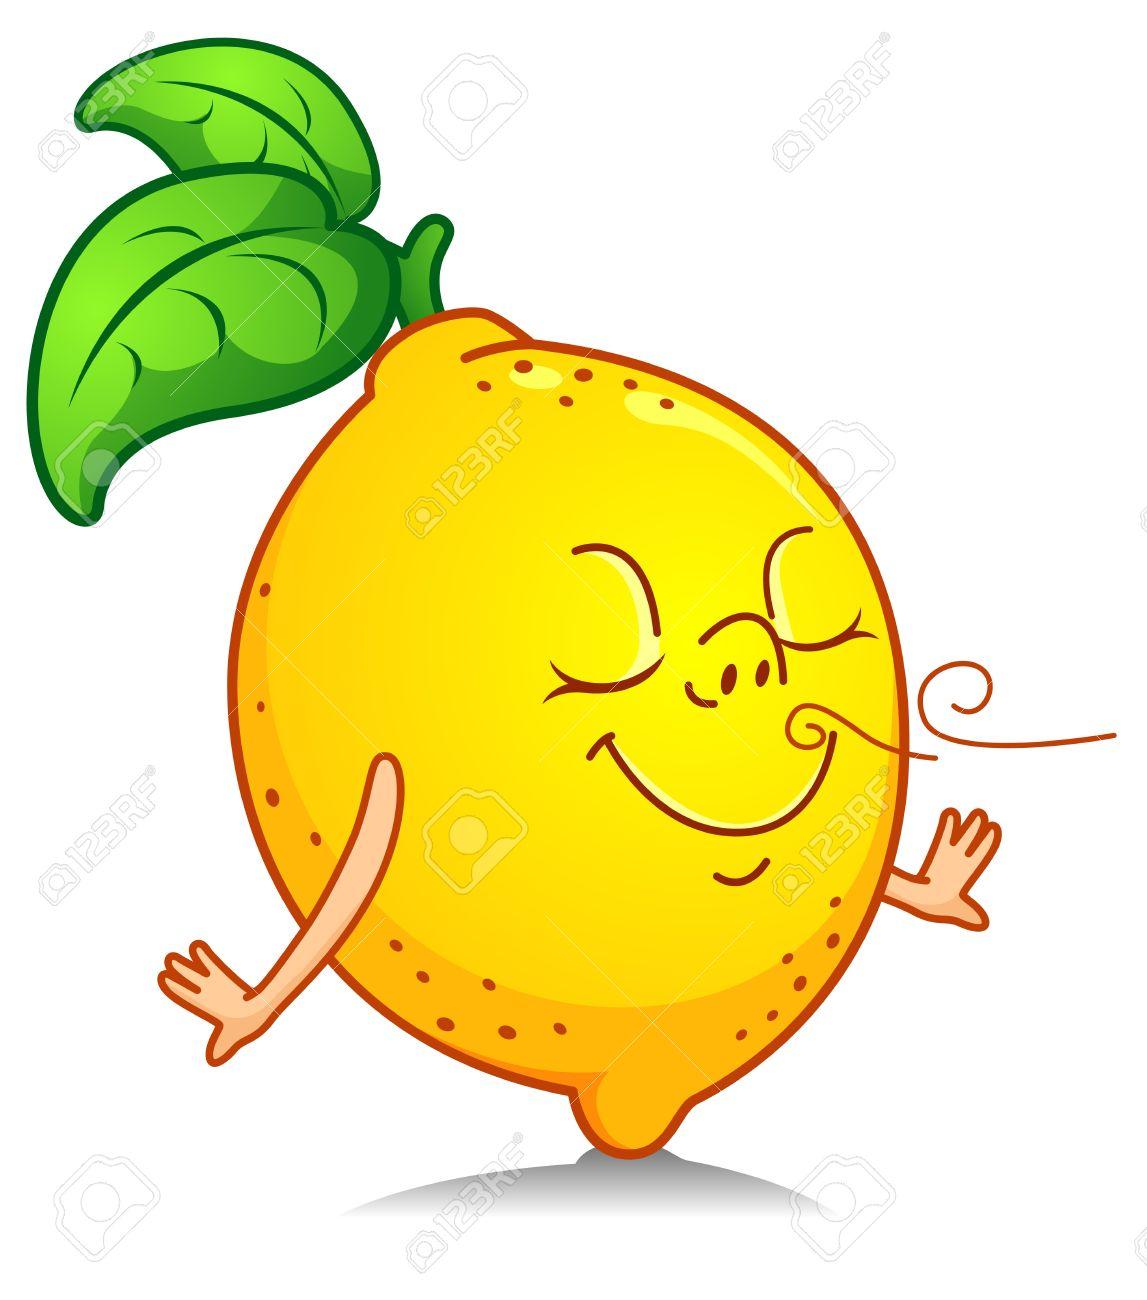 Resultado de imagen para limon caricatura